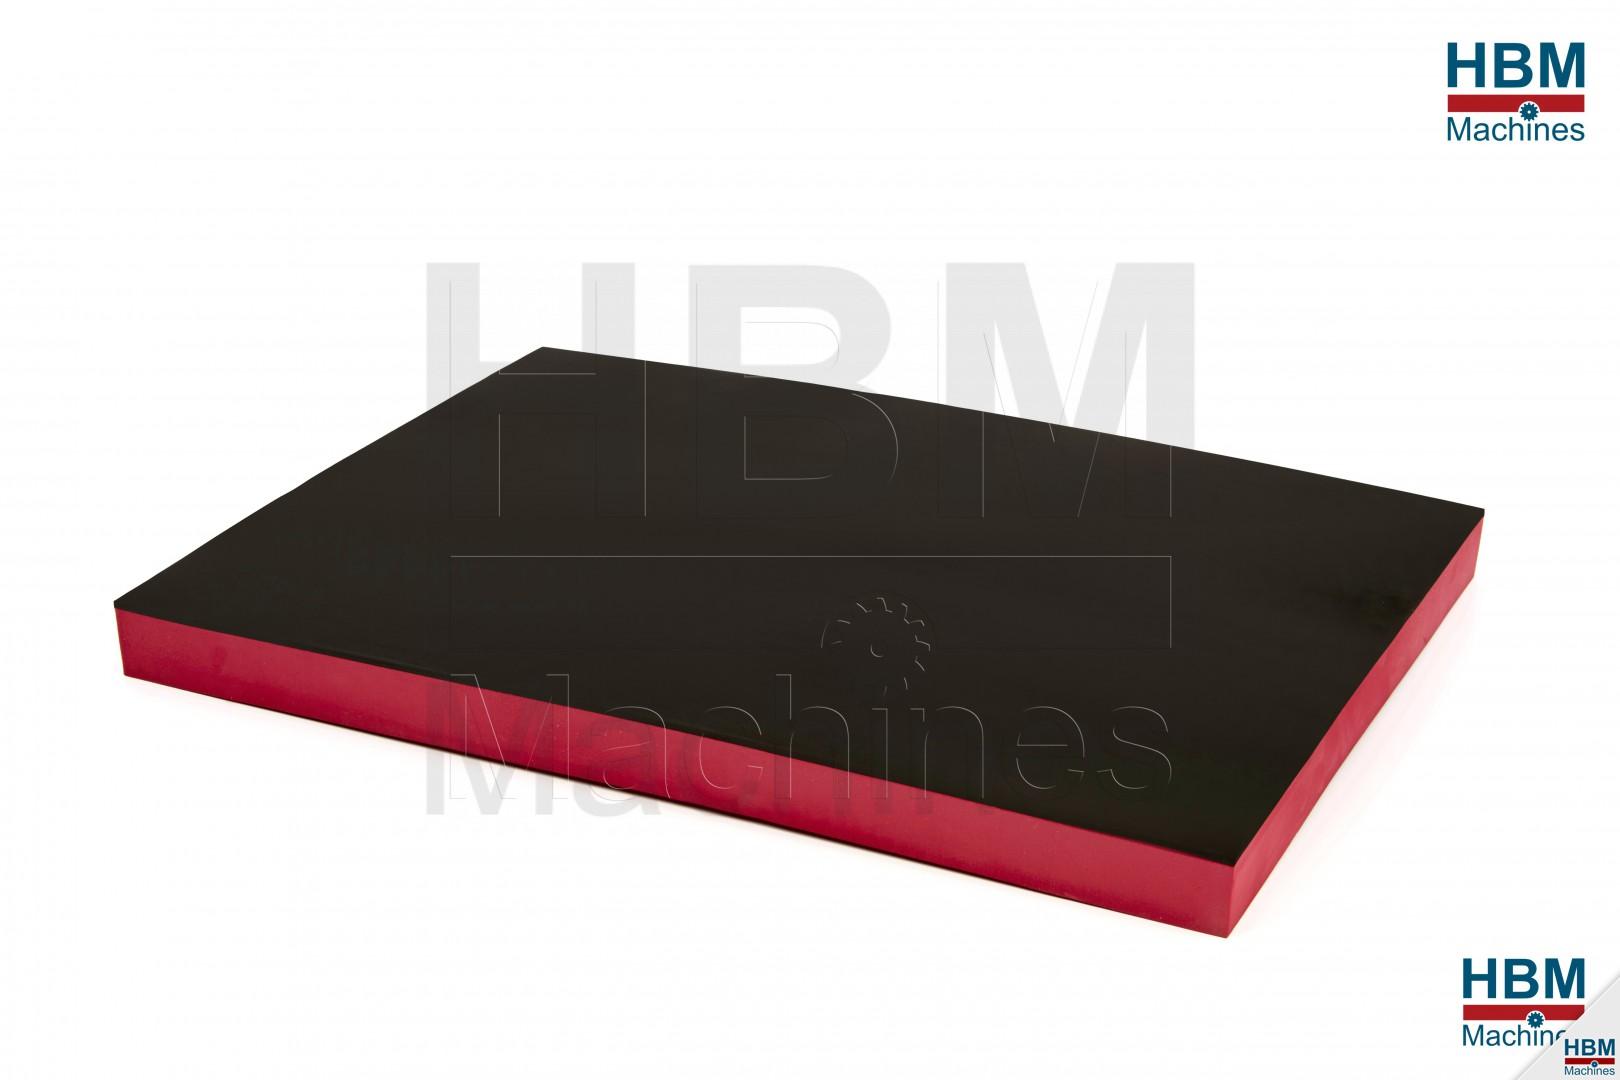 hbm foam inlay 585 x 410 x 40 mm voor gereedschapswagen. Black Bedroom Furniture Sets. Home Design Ideas